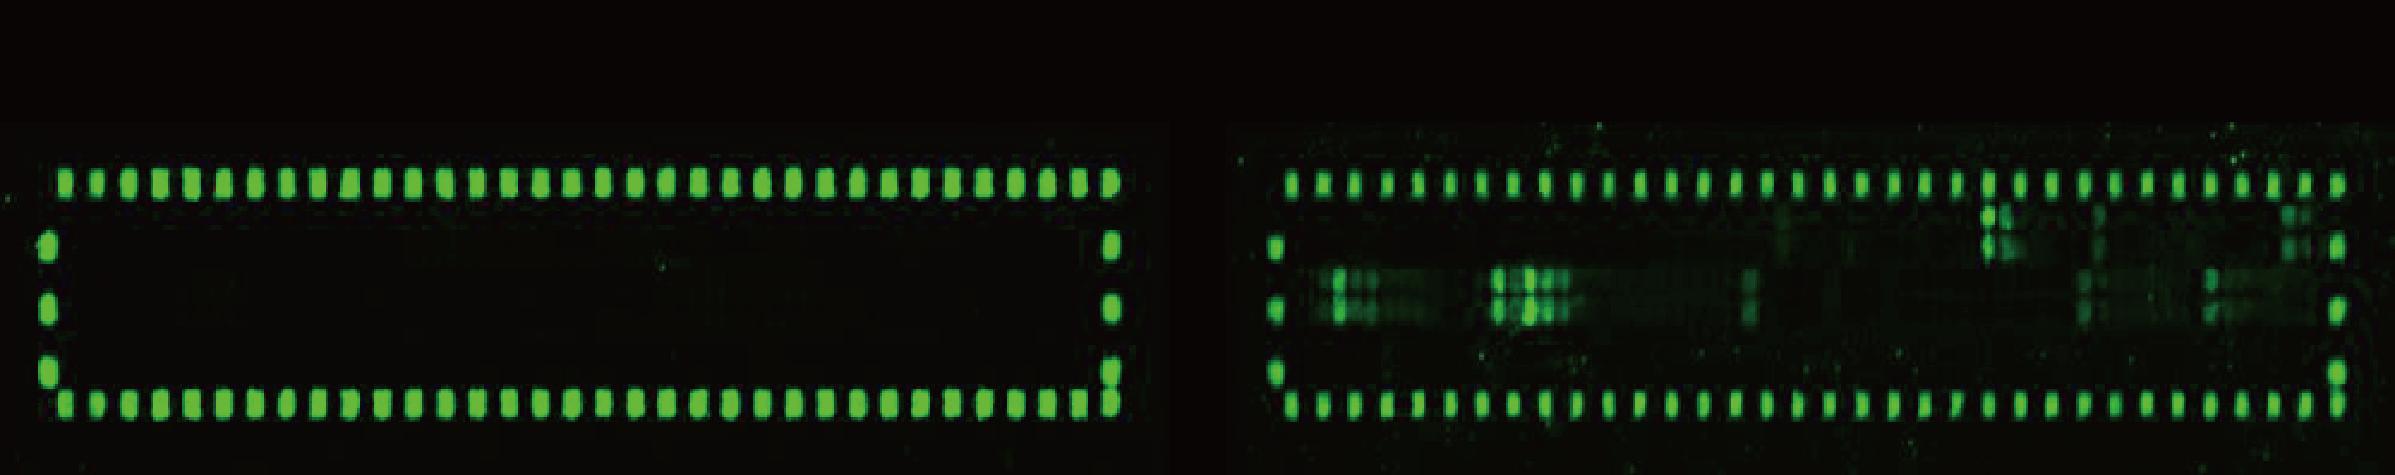 図1. カシューナッツタンパク質Ana o3配列由来のオーバーラッピングペプチドを配置したPEPperCHIP™ペプチドマイクロアレイ